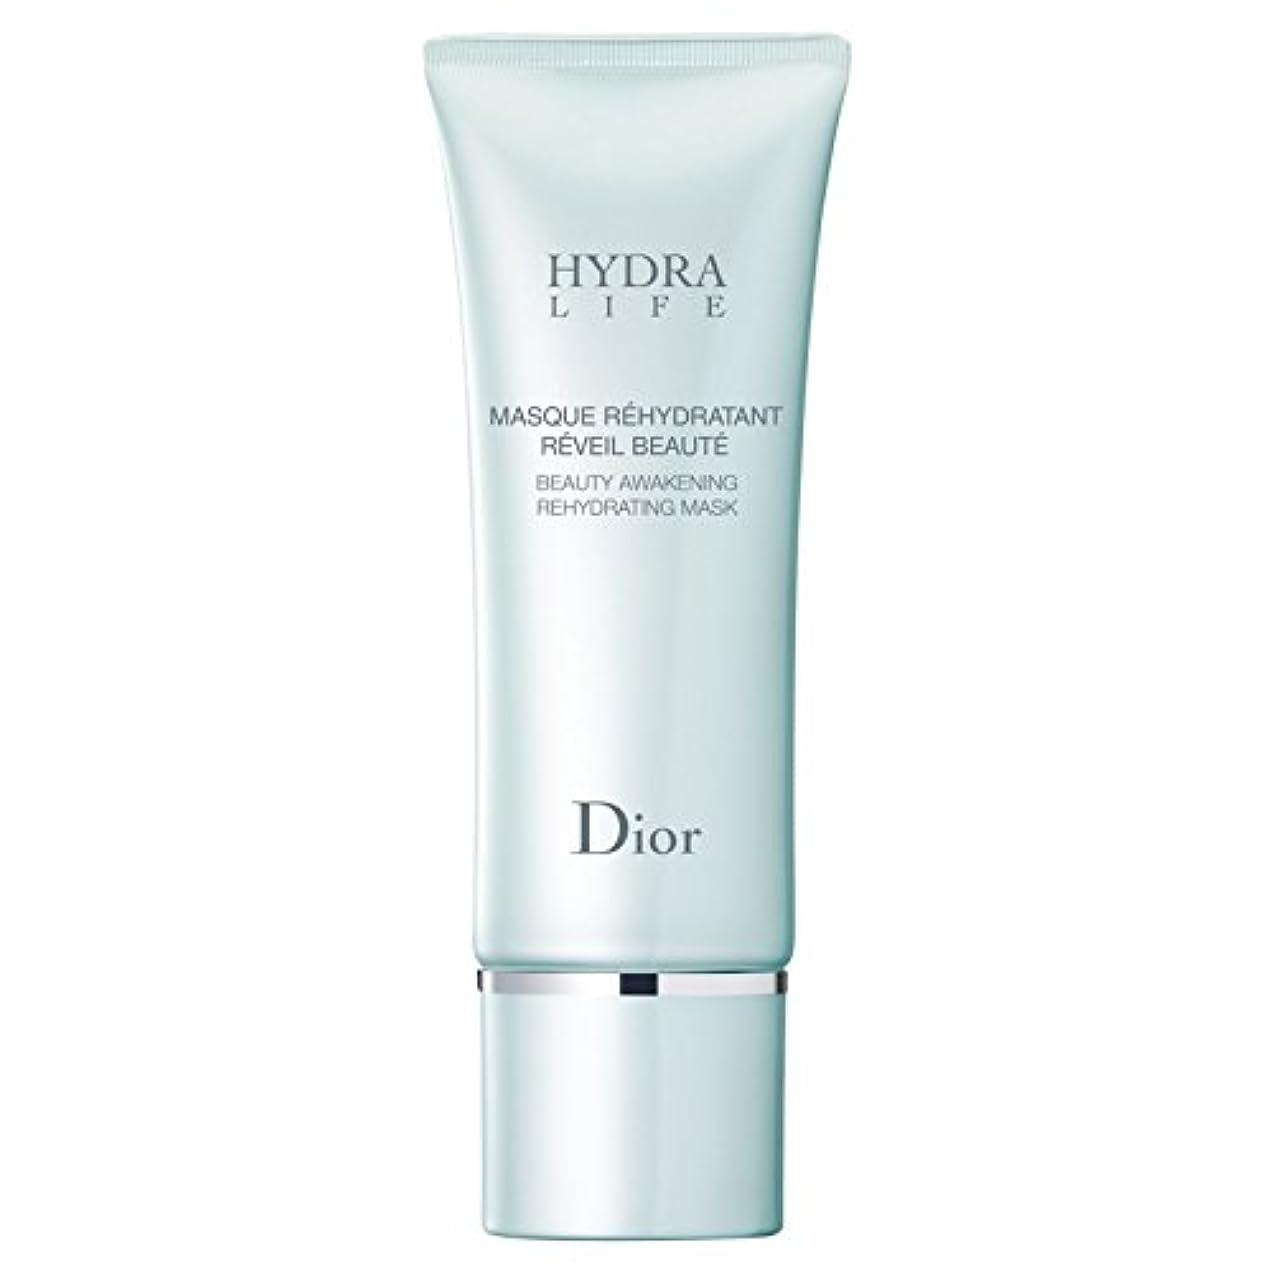 天井うなずく翻訳[Dior] マスク75ミリリットルを再水和ディオールヒドラ人生の美しさの目覚め - Dior Hydra Life Beauty Awakening Rehydrating Mask 75ml [並行輸入品]